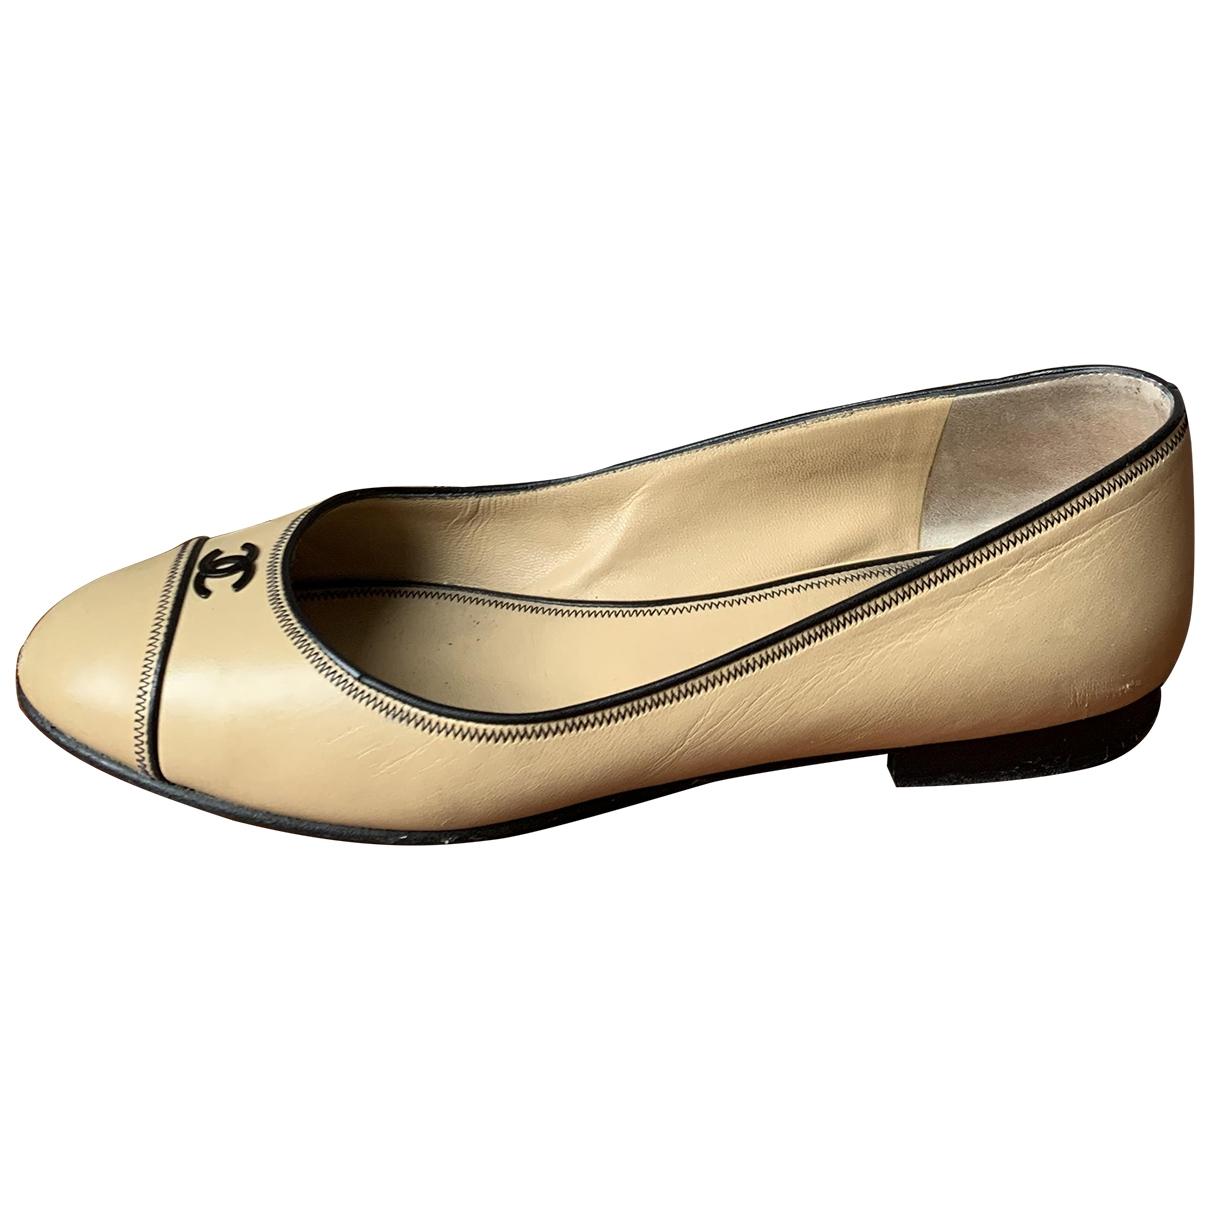 Chanel \N Beige Leather Ballet flats for Women 37 EU